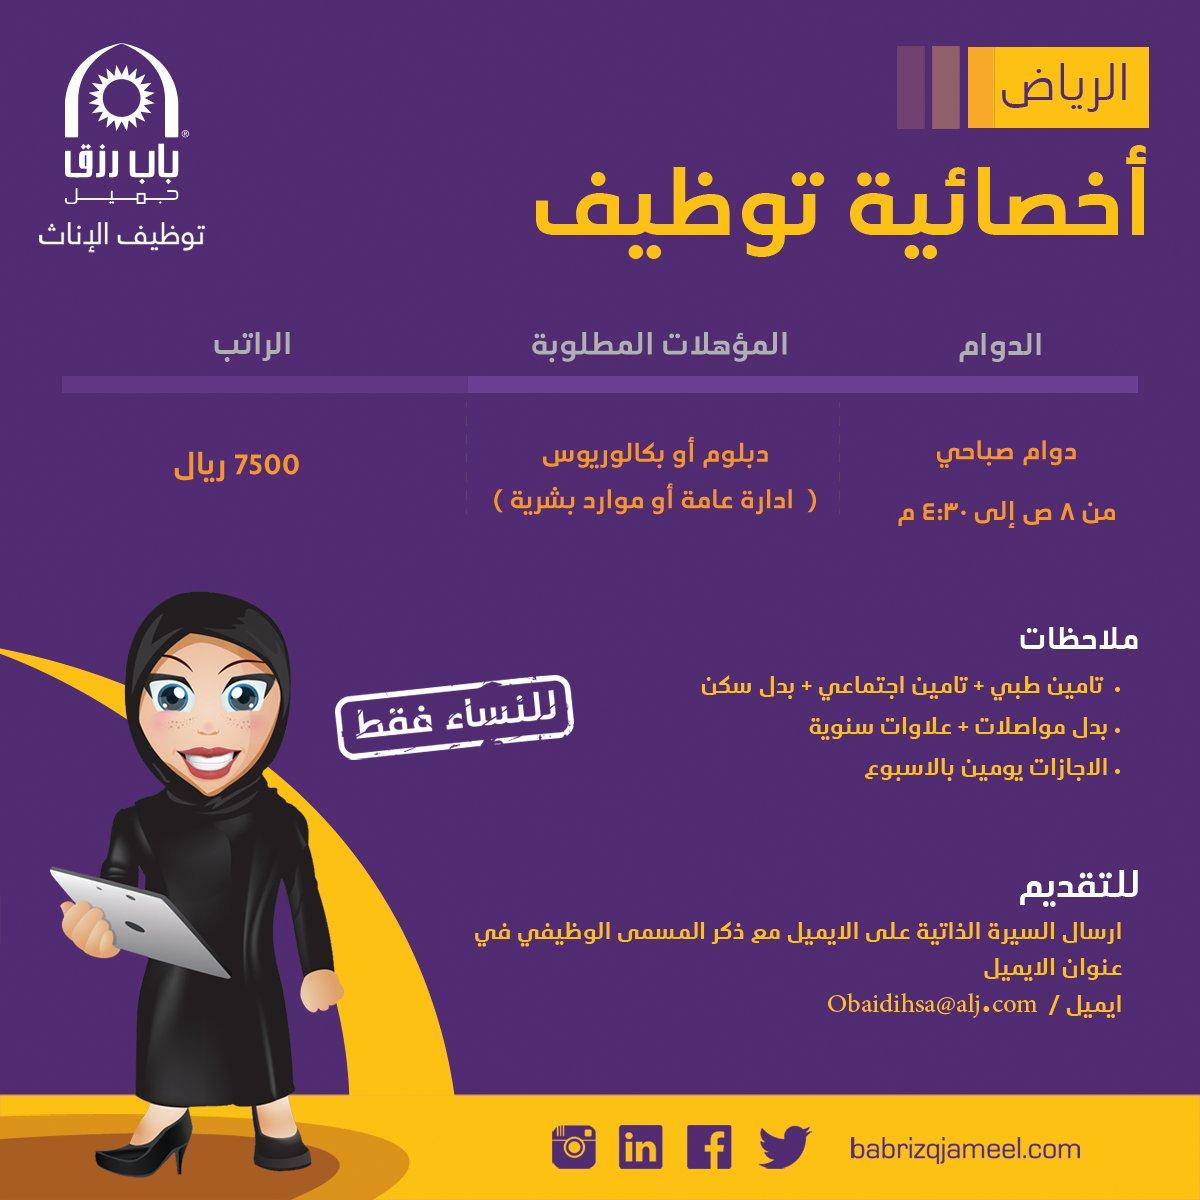 مطلوب أخصائية توظيف - الرياض